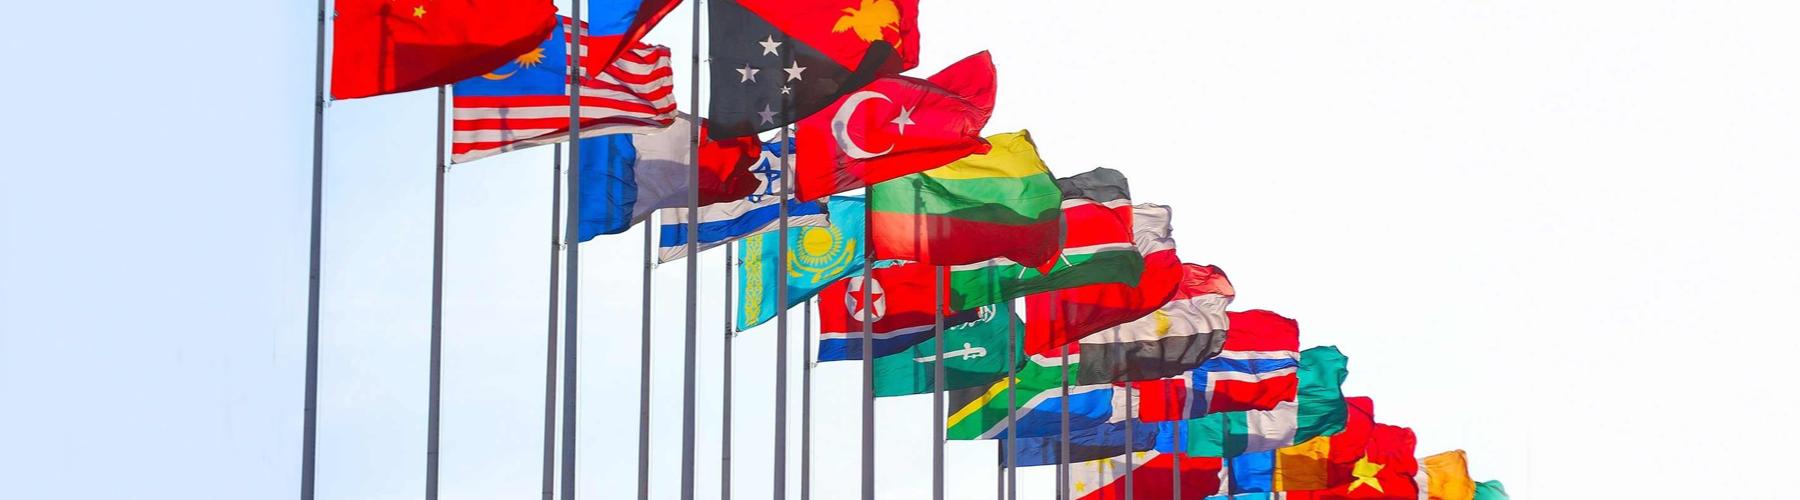 Quali paesi hanno le bandiere più pazze?